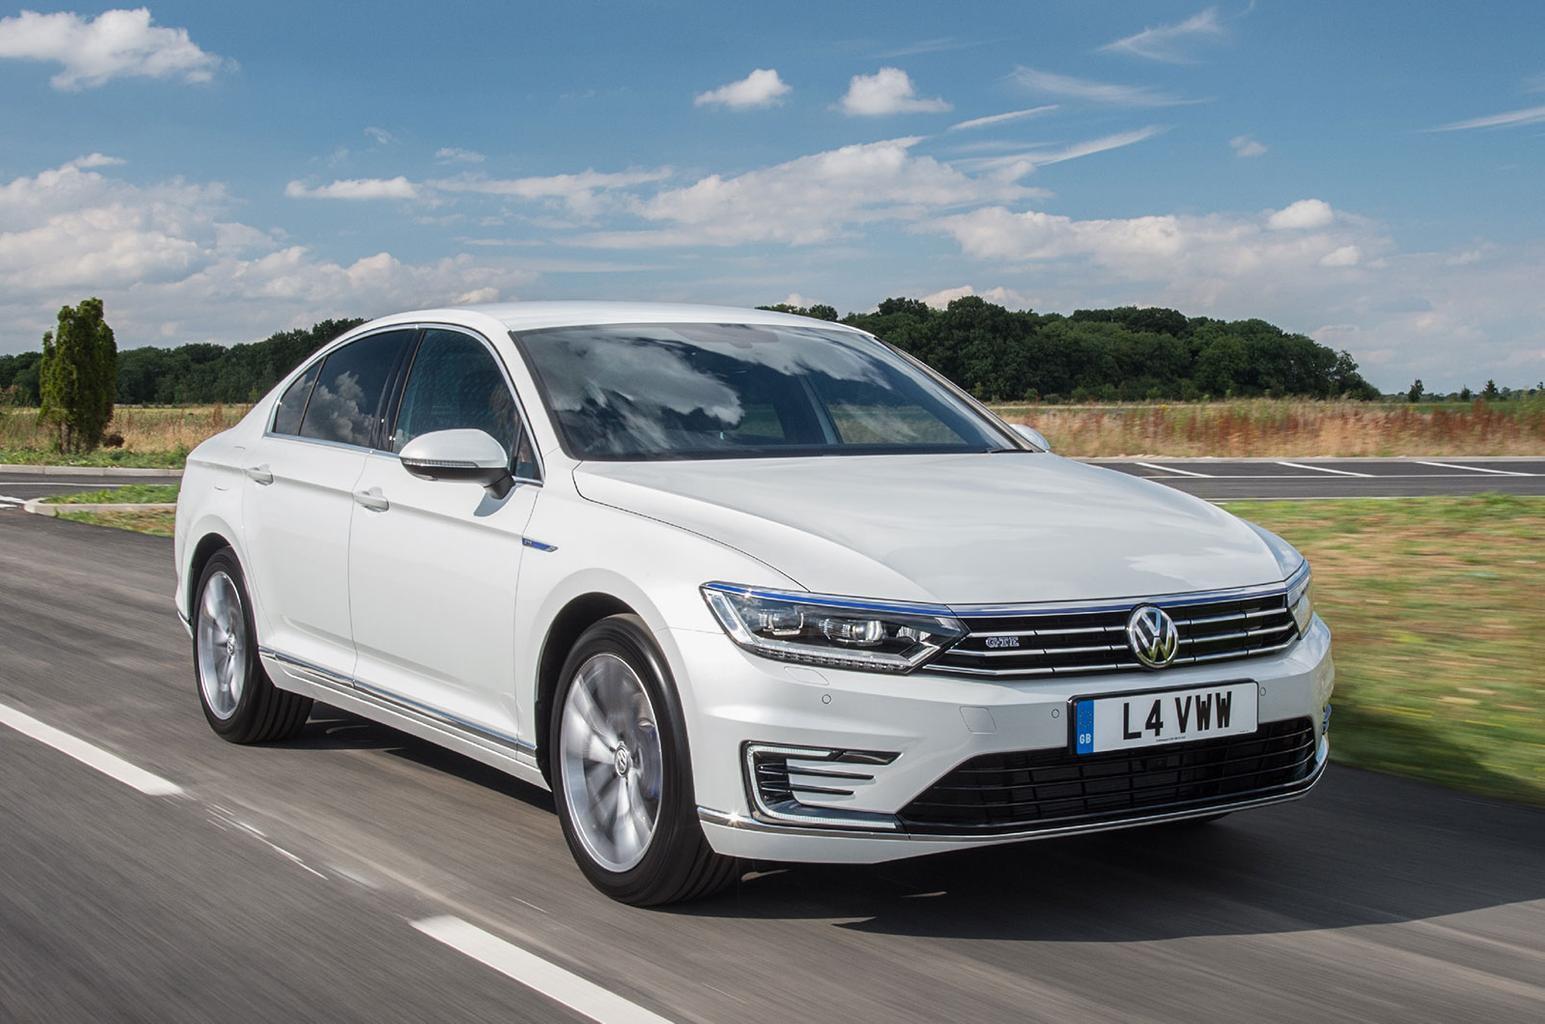 Volkswagen Passat GTE front